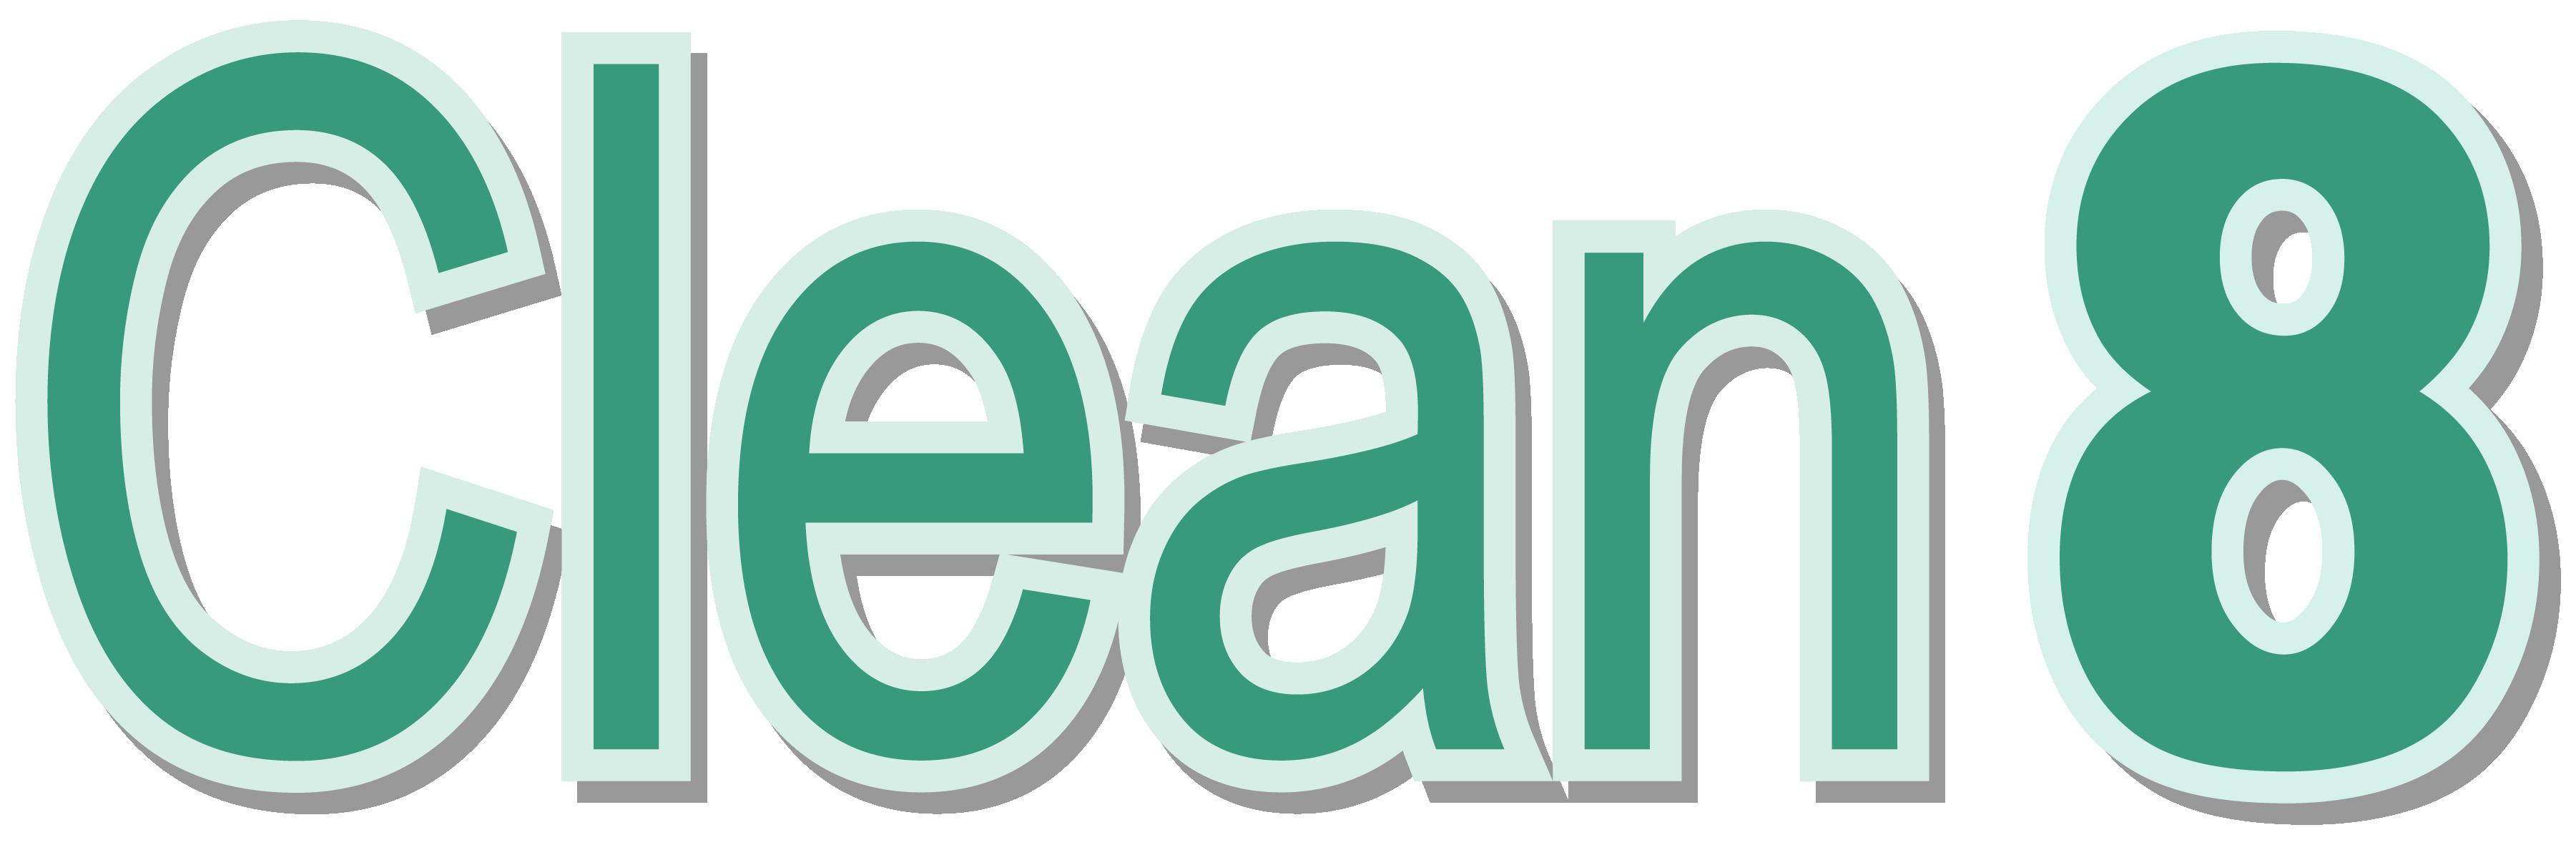 GCHERBS CLEAN8